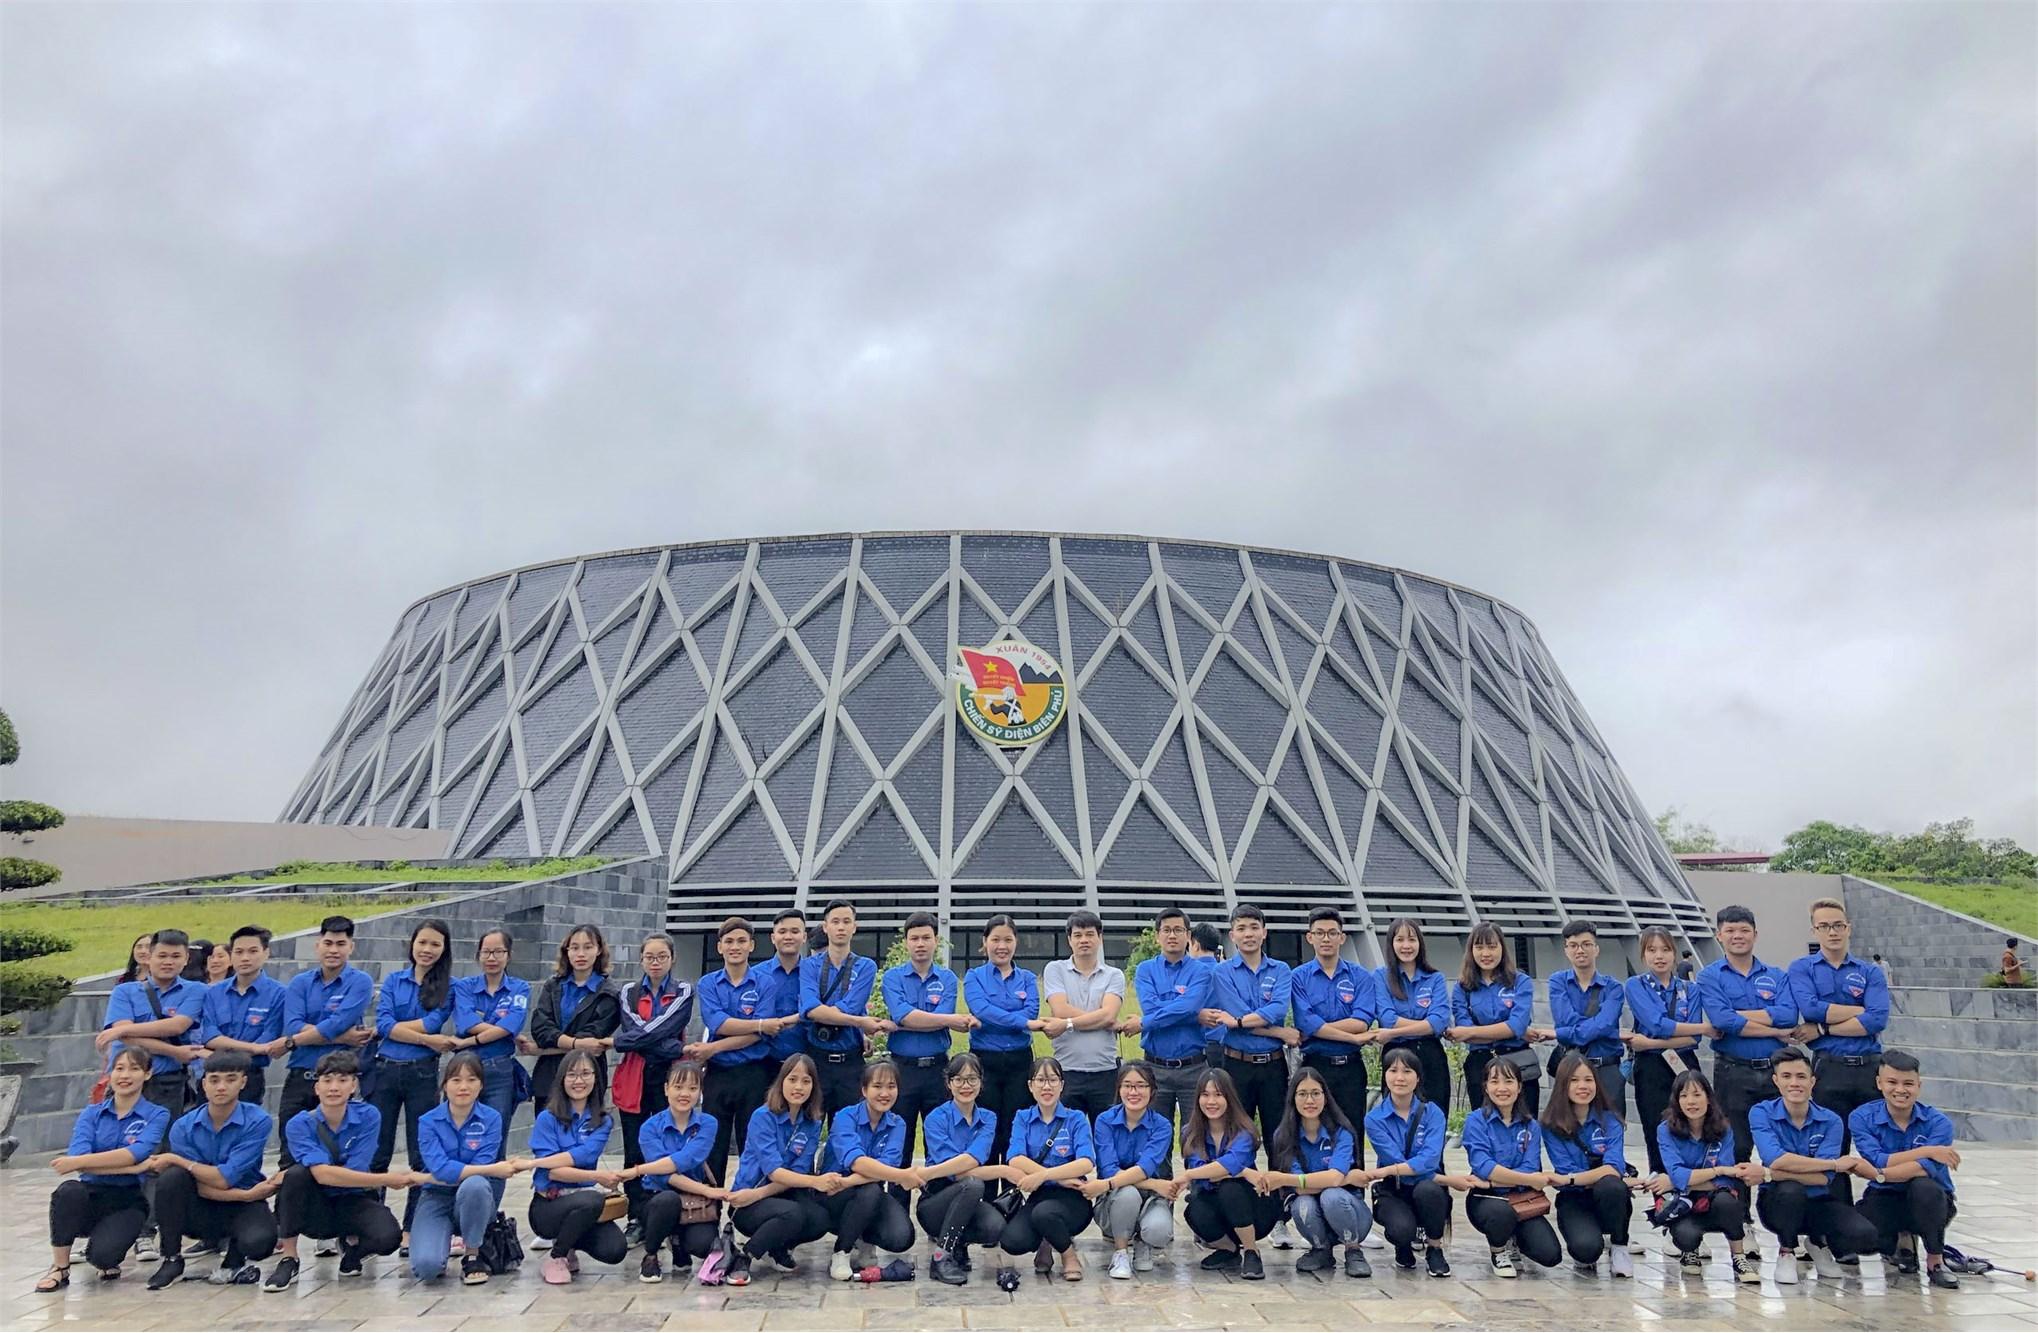 Đoàn sinh viên tiêu biểu trường Đại học Công nghiệp Hà Nội thăm khu di tích chiến trường Điện Biên Phủ